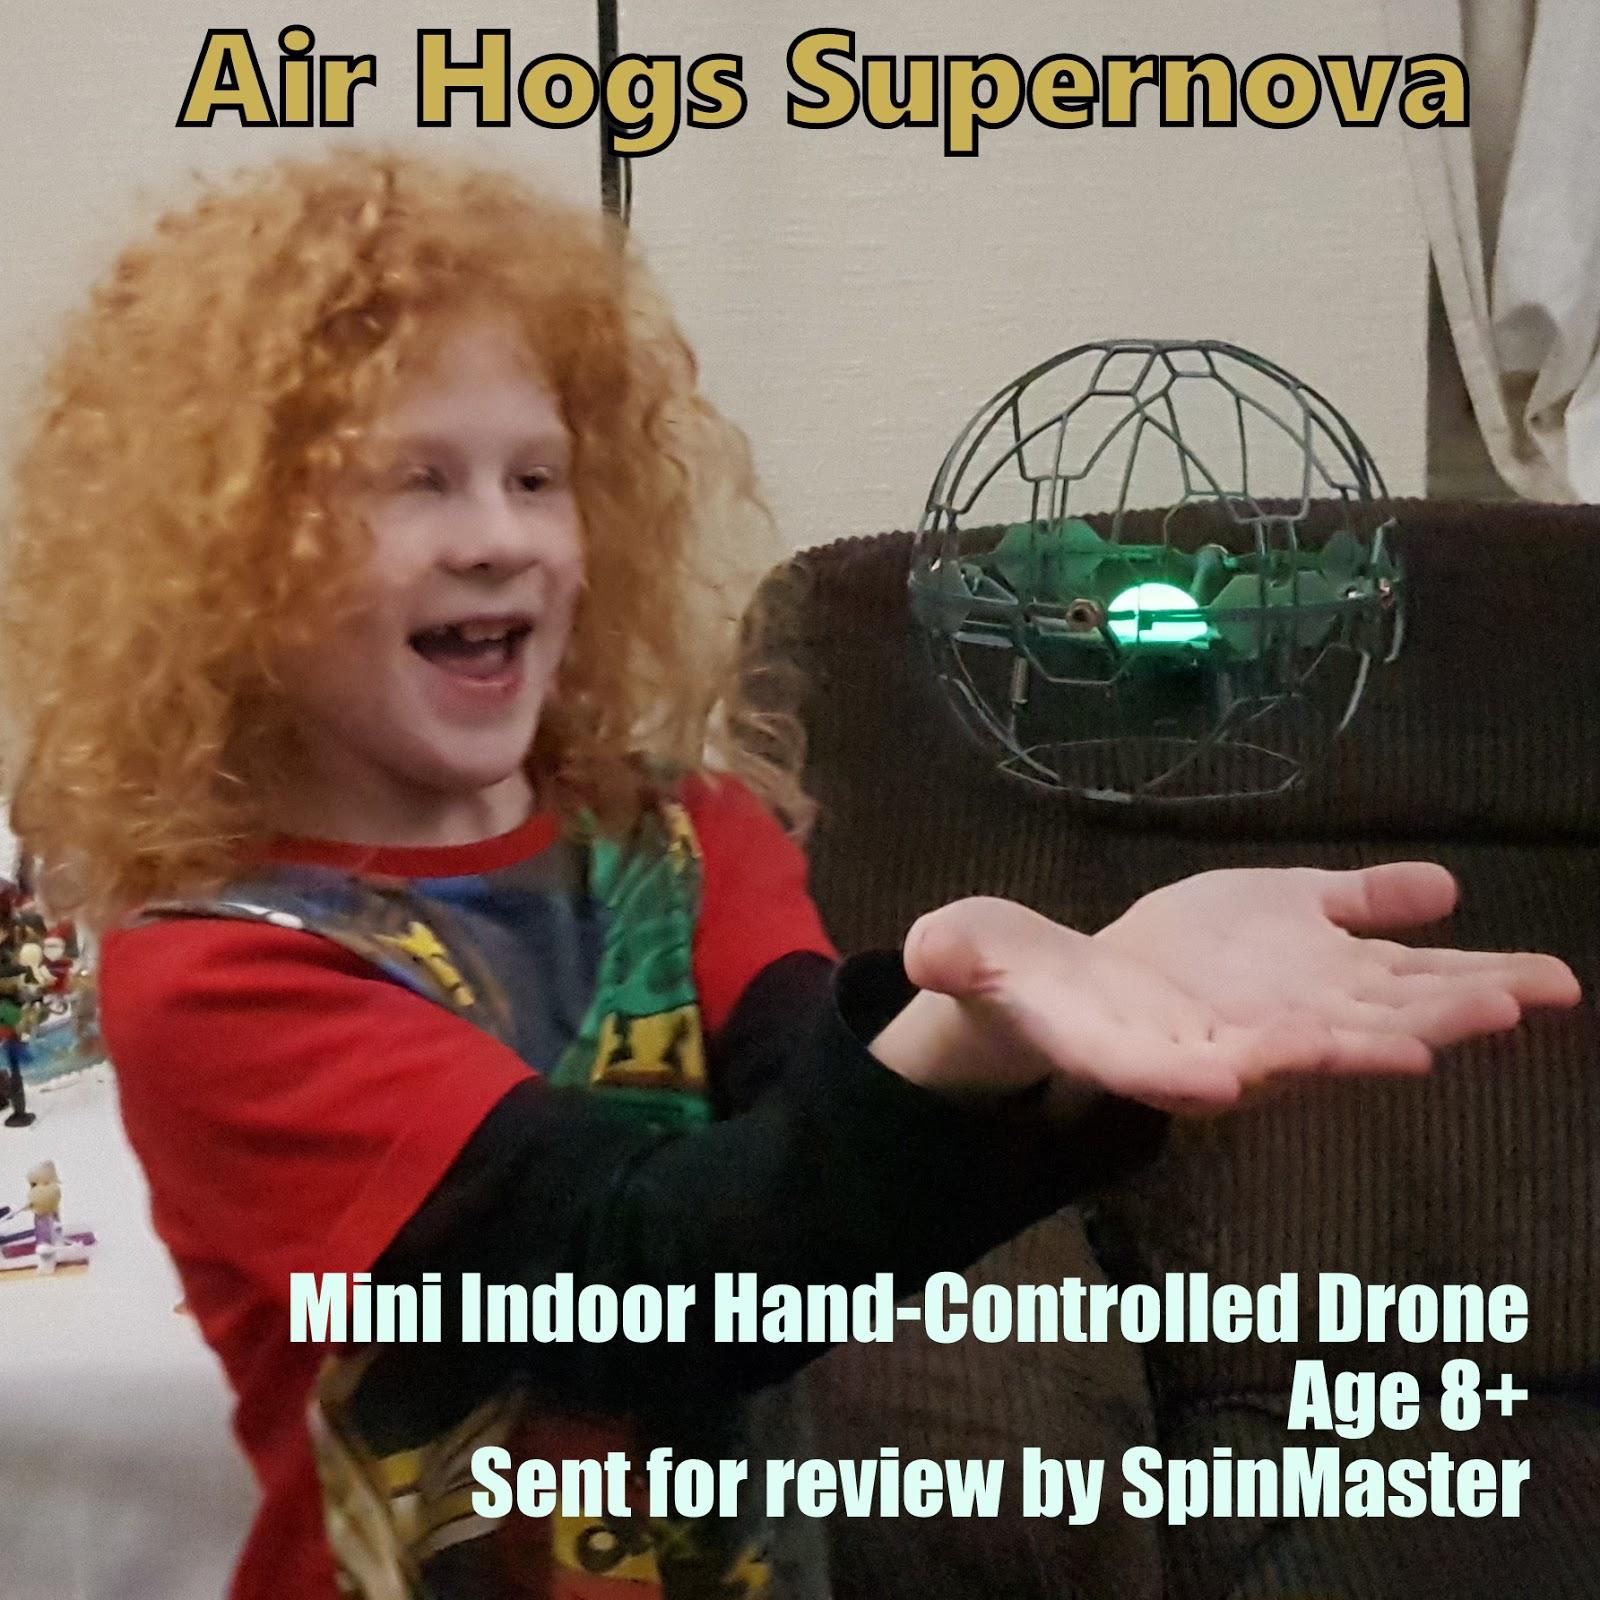 e0339e94e2eff The Brick Castle  Air Hogs Supernova Hand-Controlled Drone Review ...